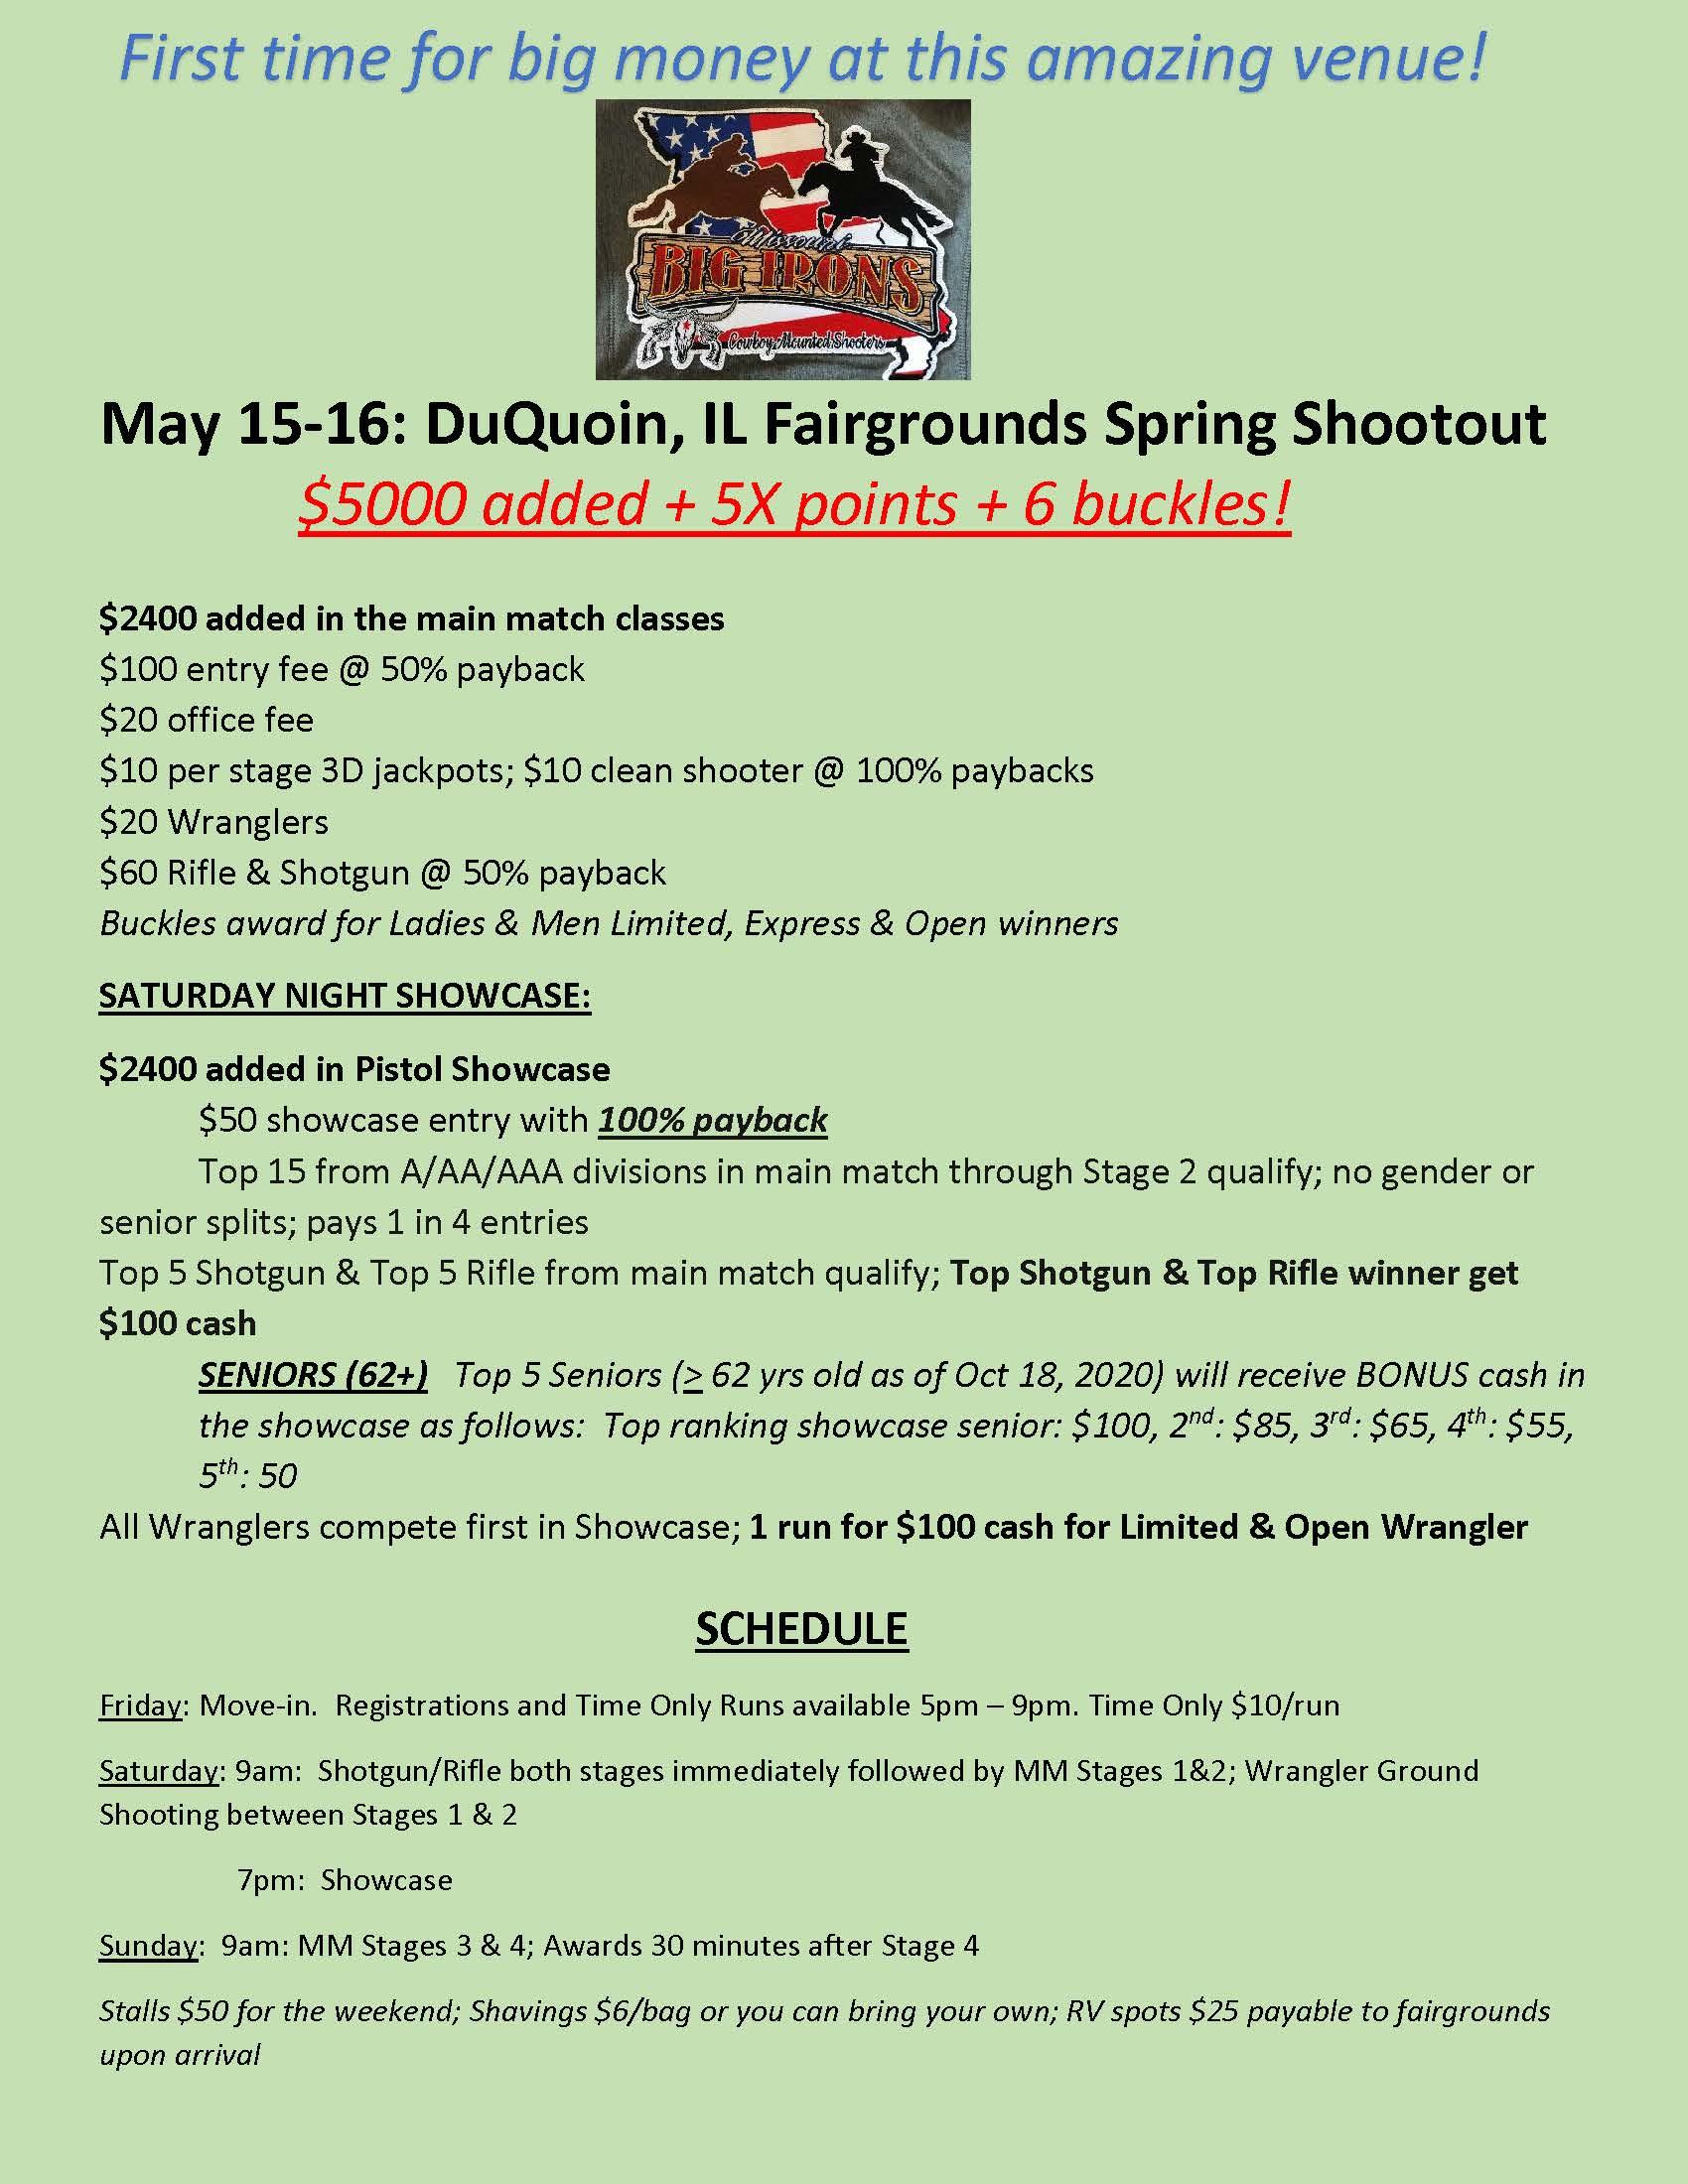 DuQuoin Spring Shootout